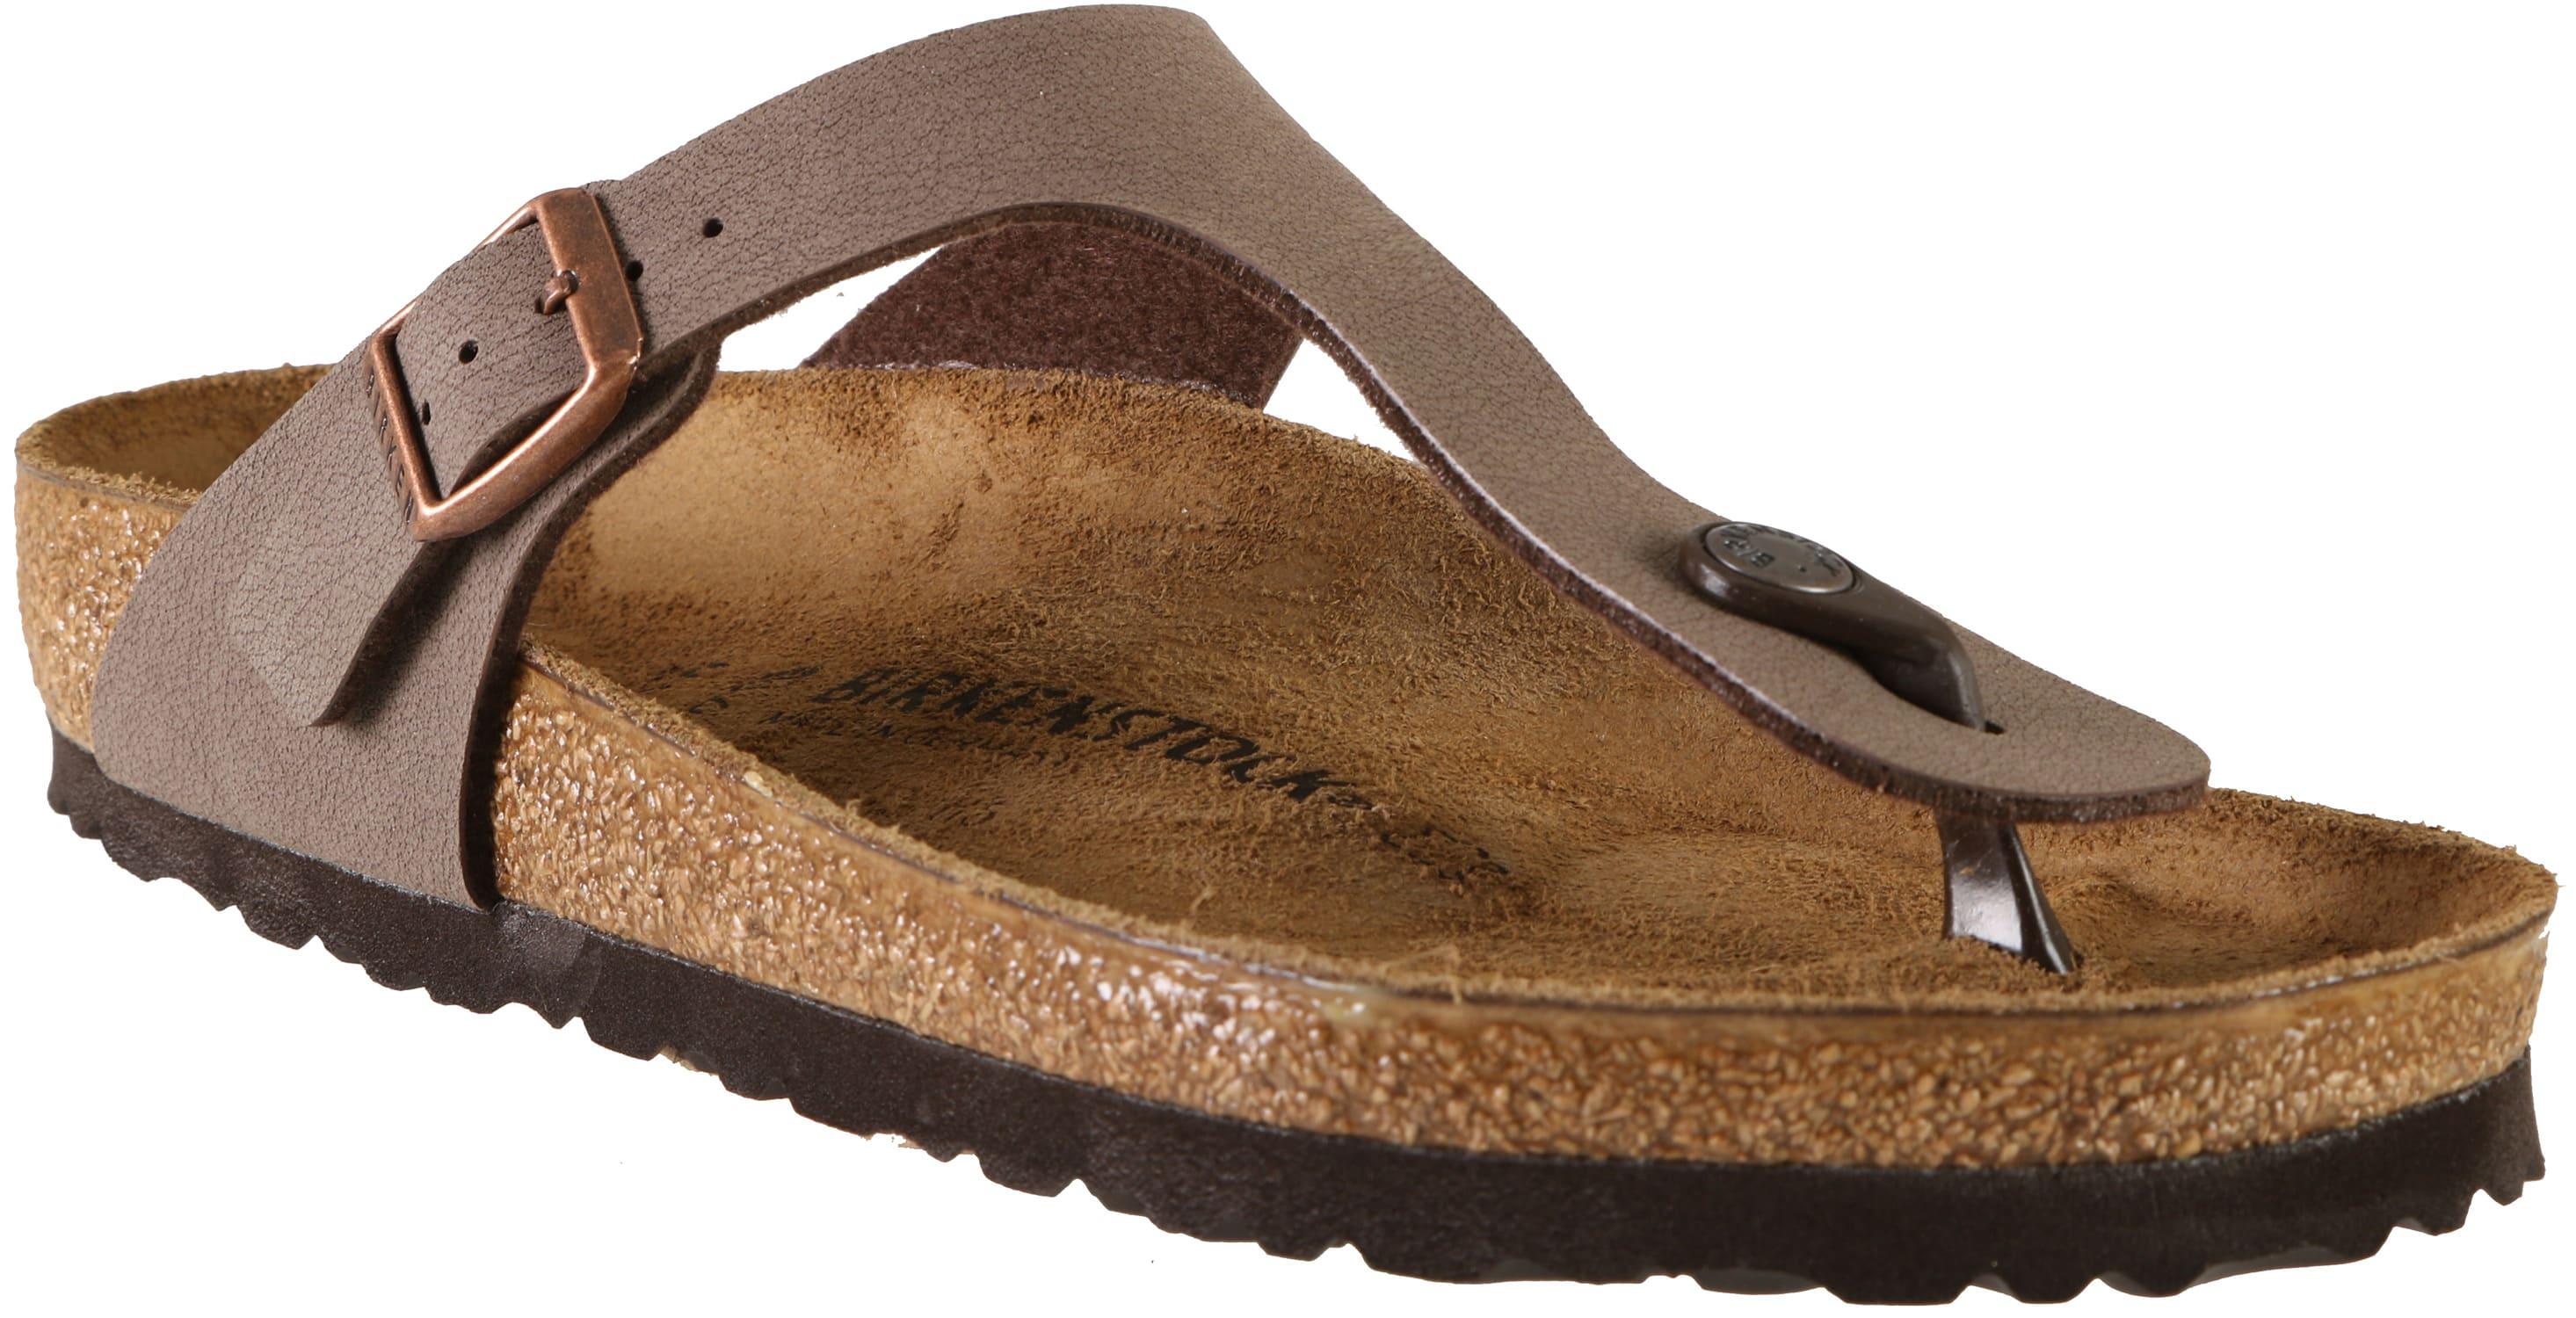 on sale birkenstock gizeh sandals womens up to 40 off. Black Bedroom Furniture Sets. Home Design Ideas